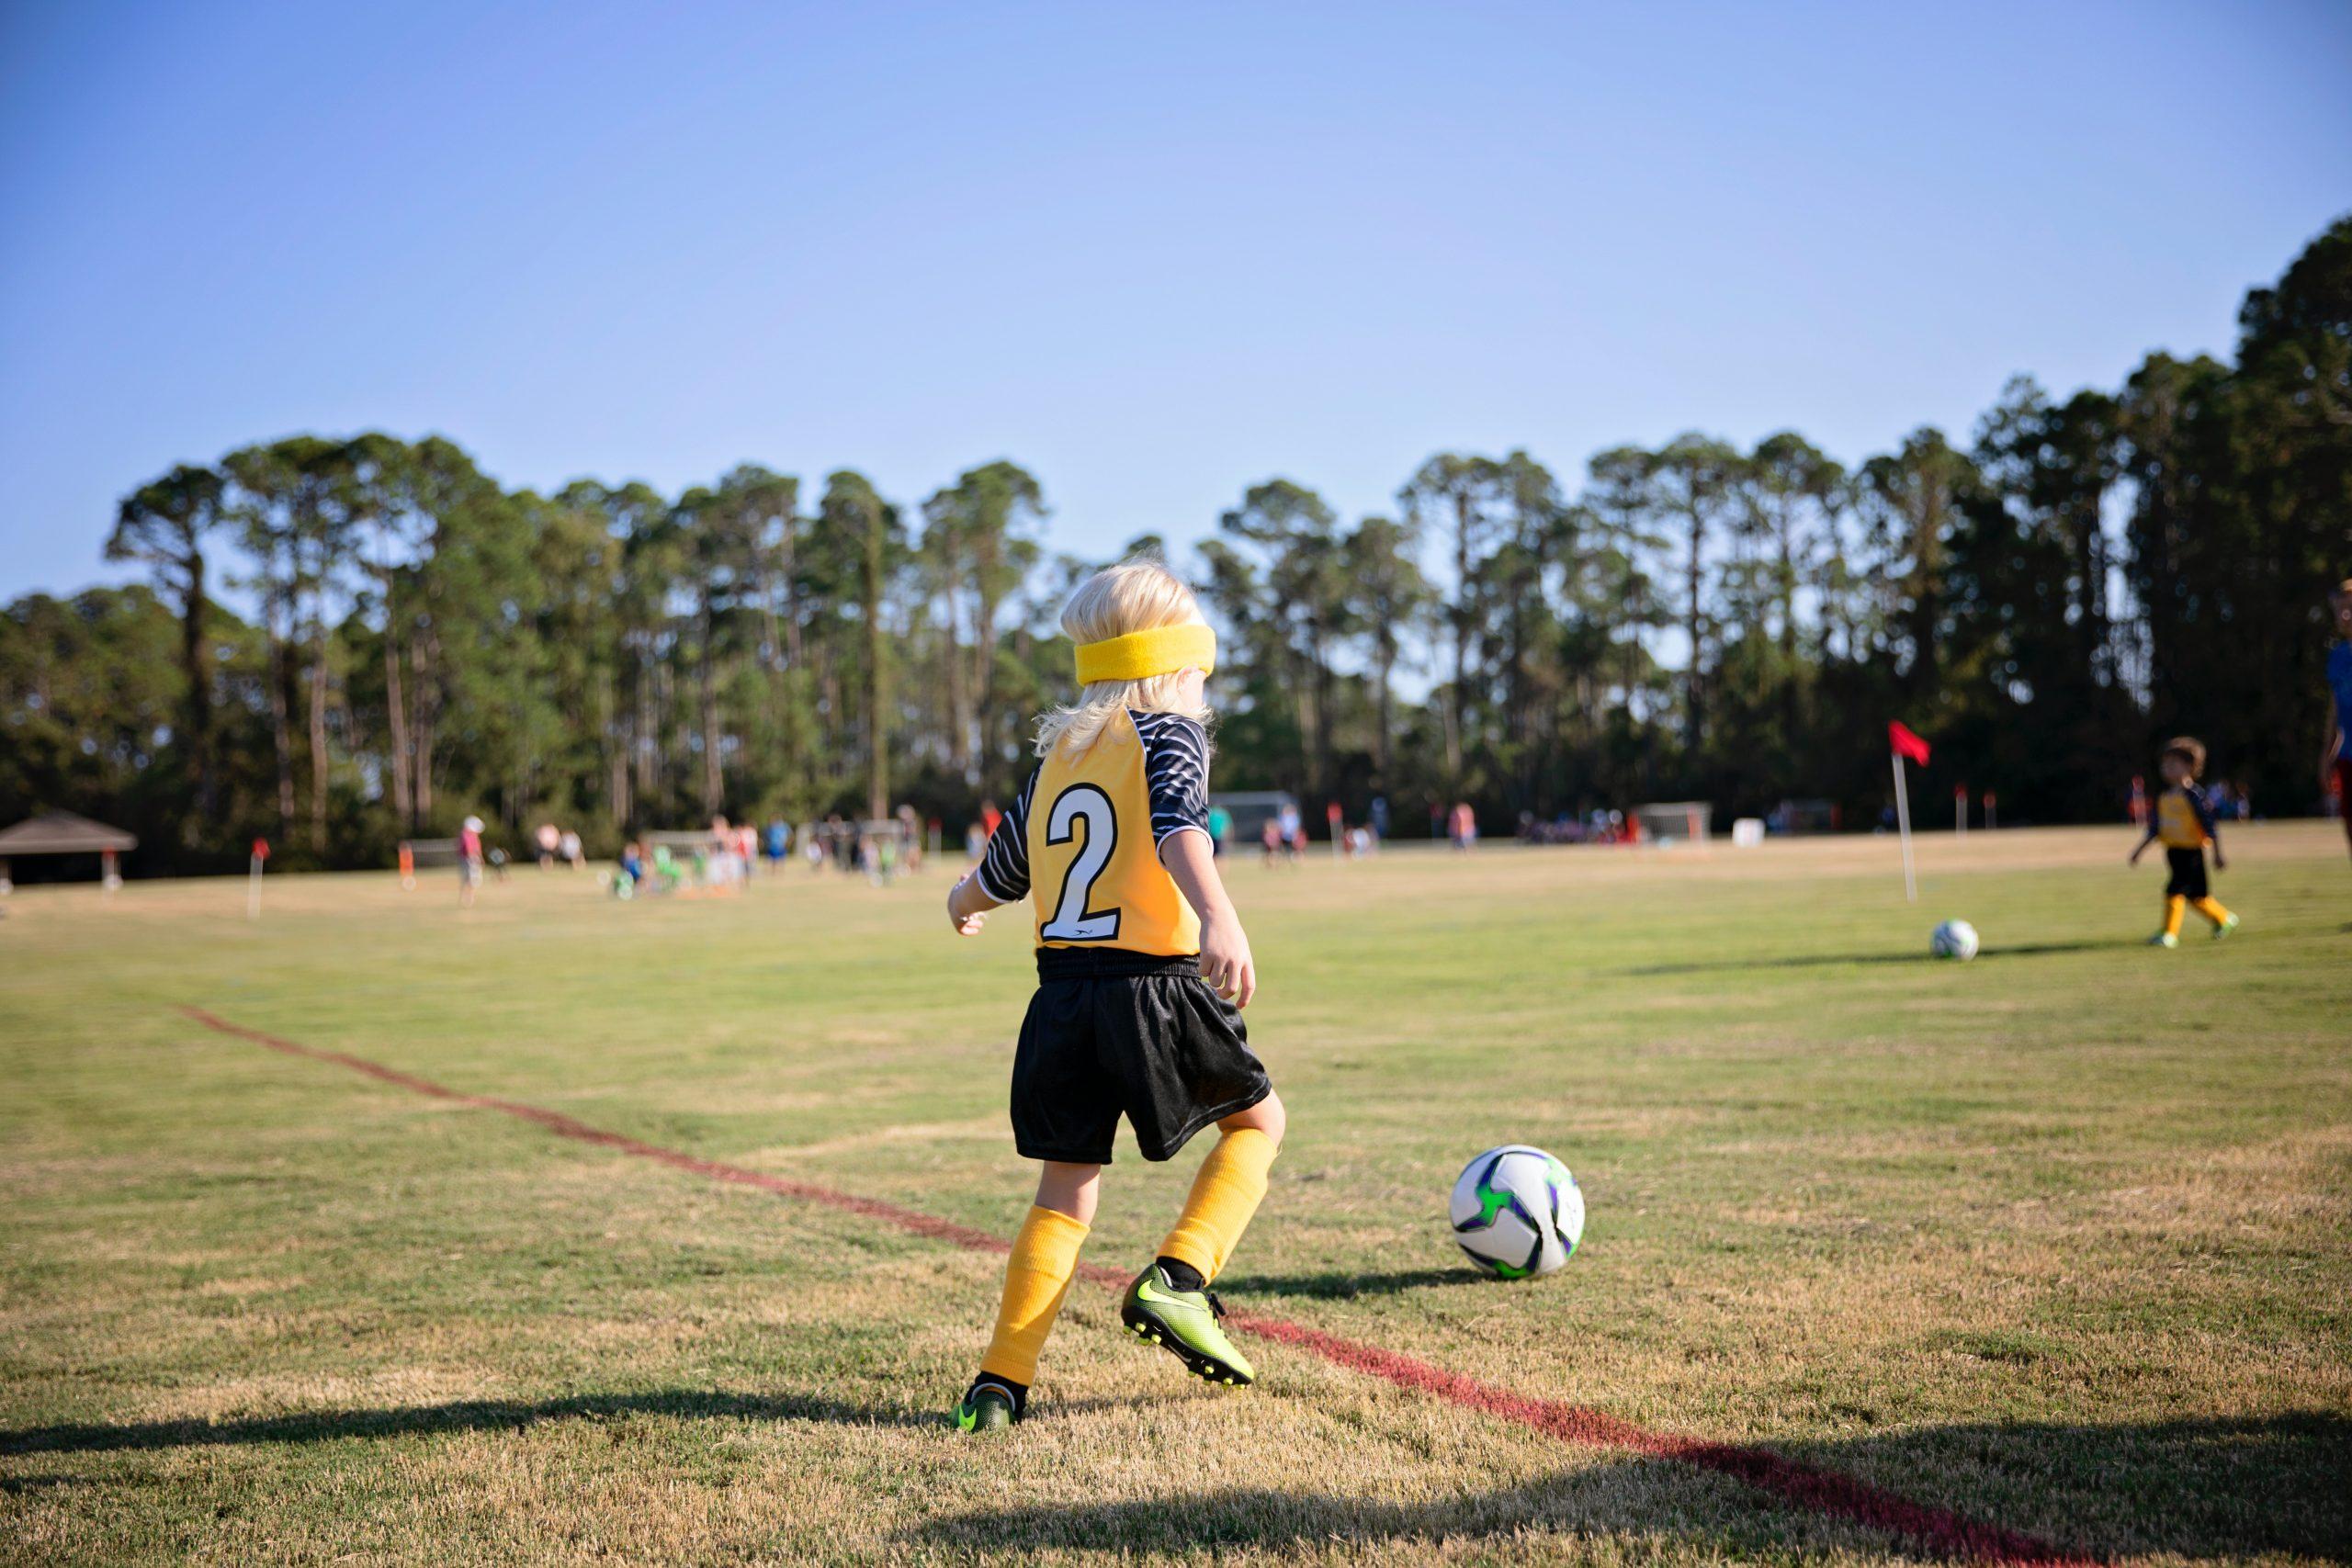 Foto de uma criança na linha de fundo de um campo de futebol correndo em direção a bola.